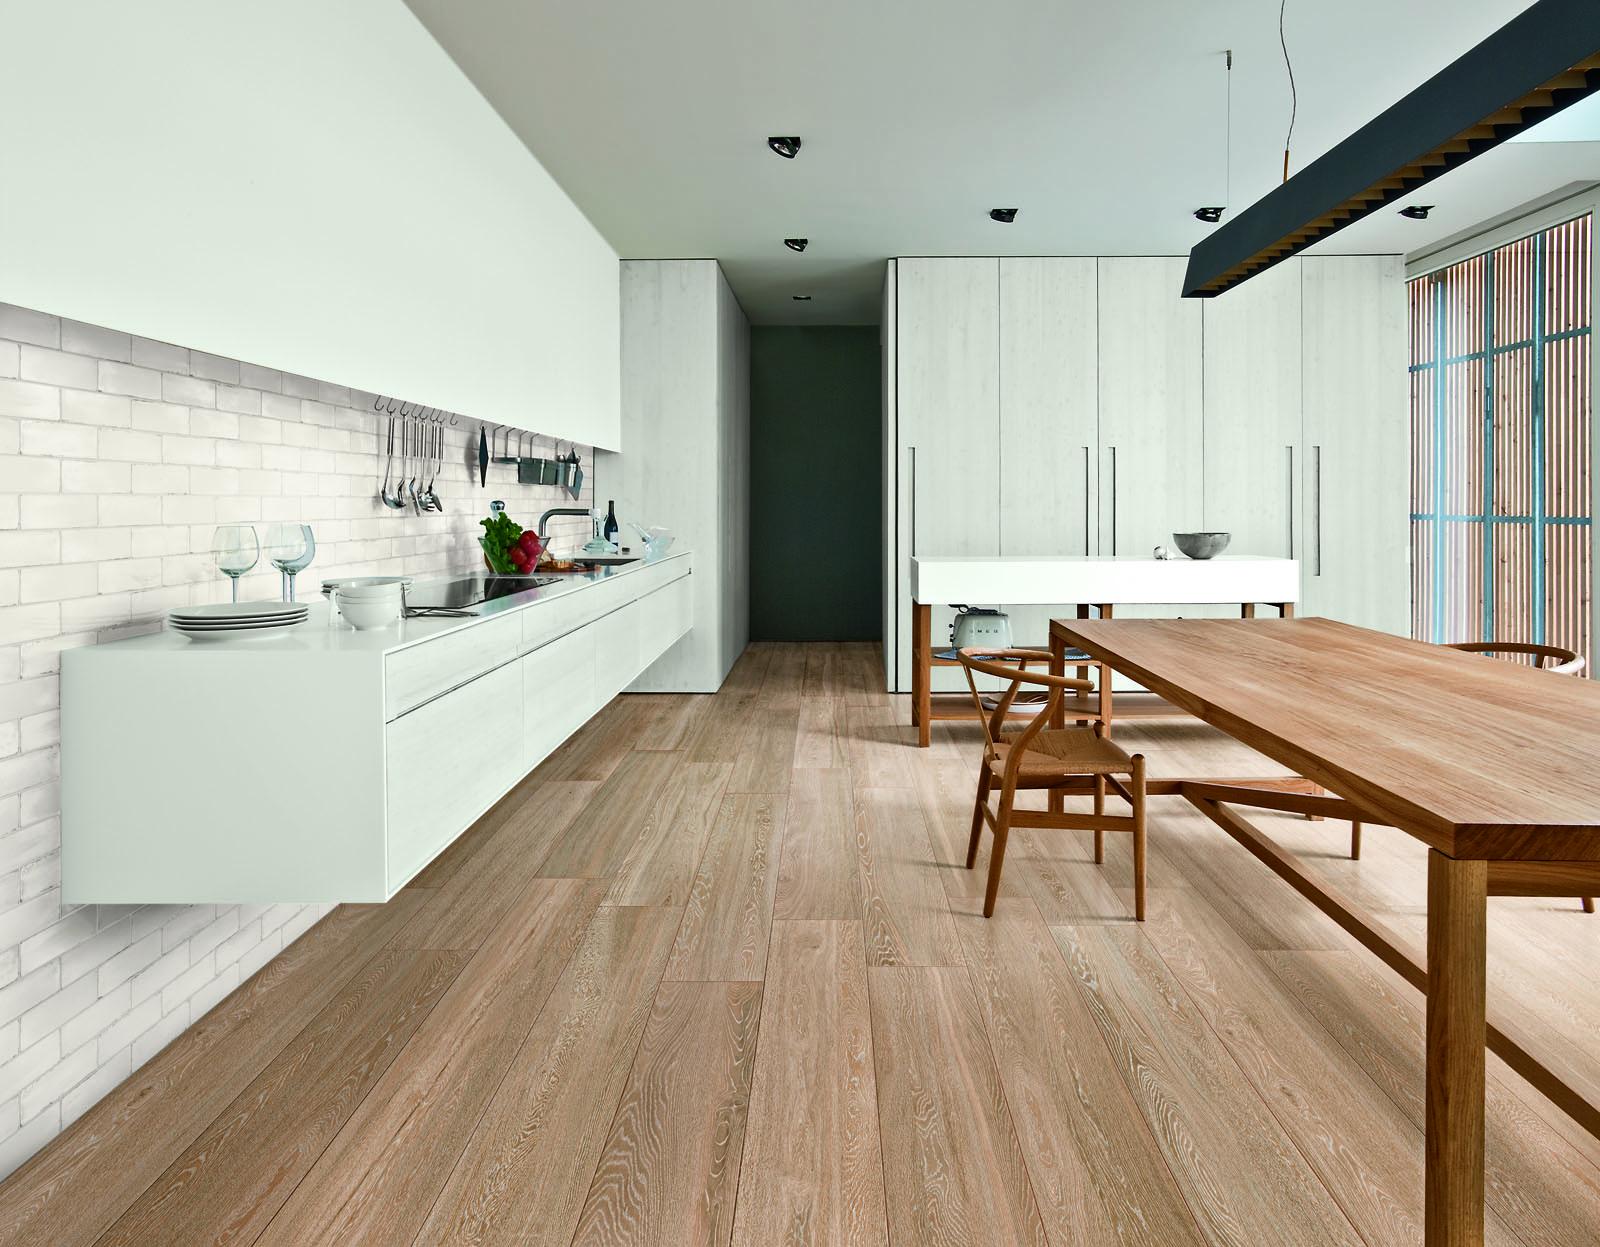 Terracruda Collection: Concrete Look Tiles | Ragno